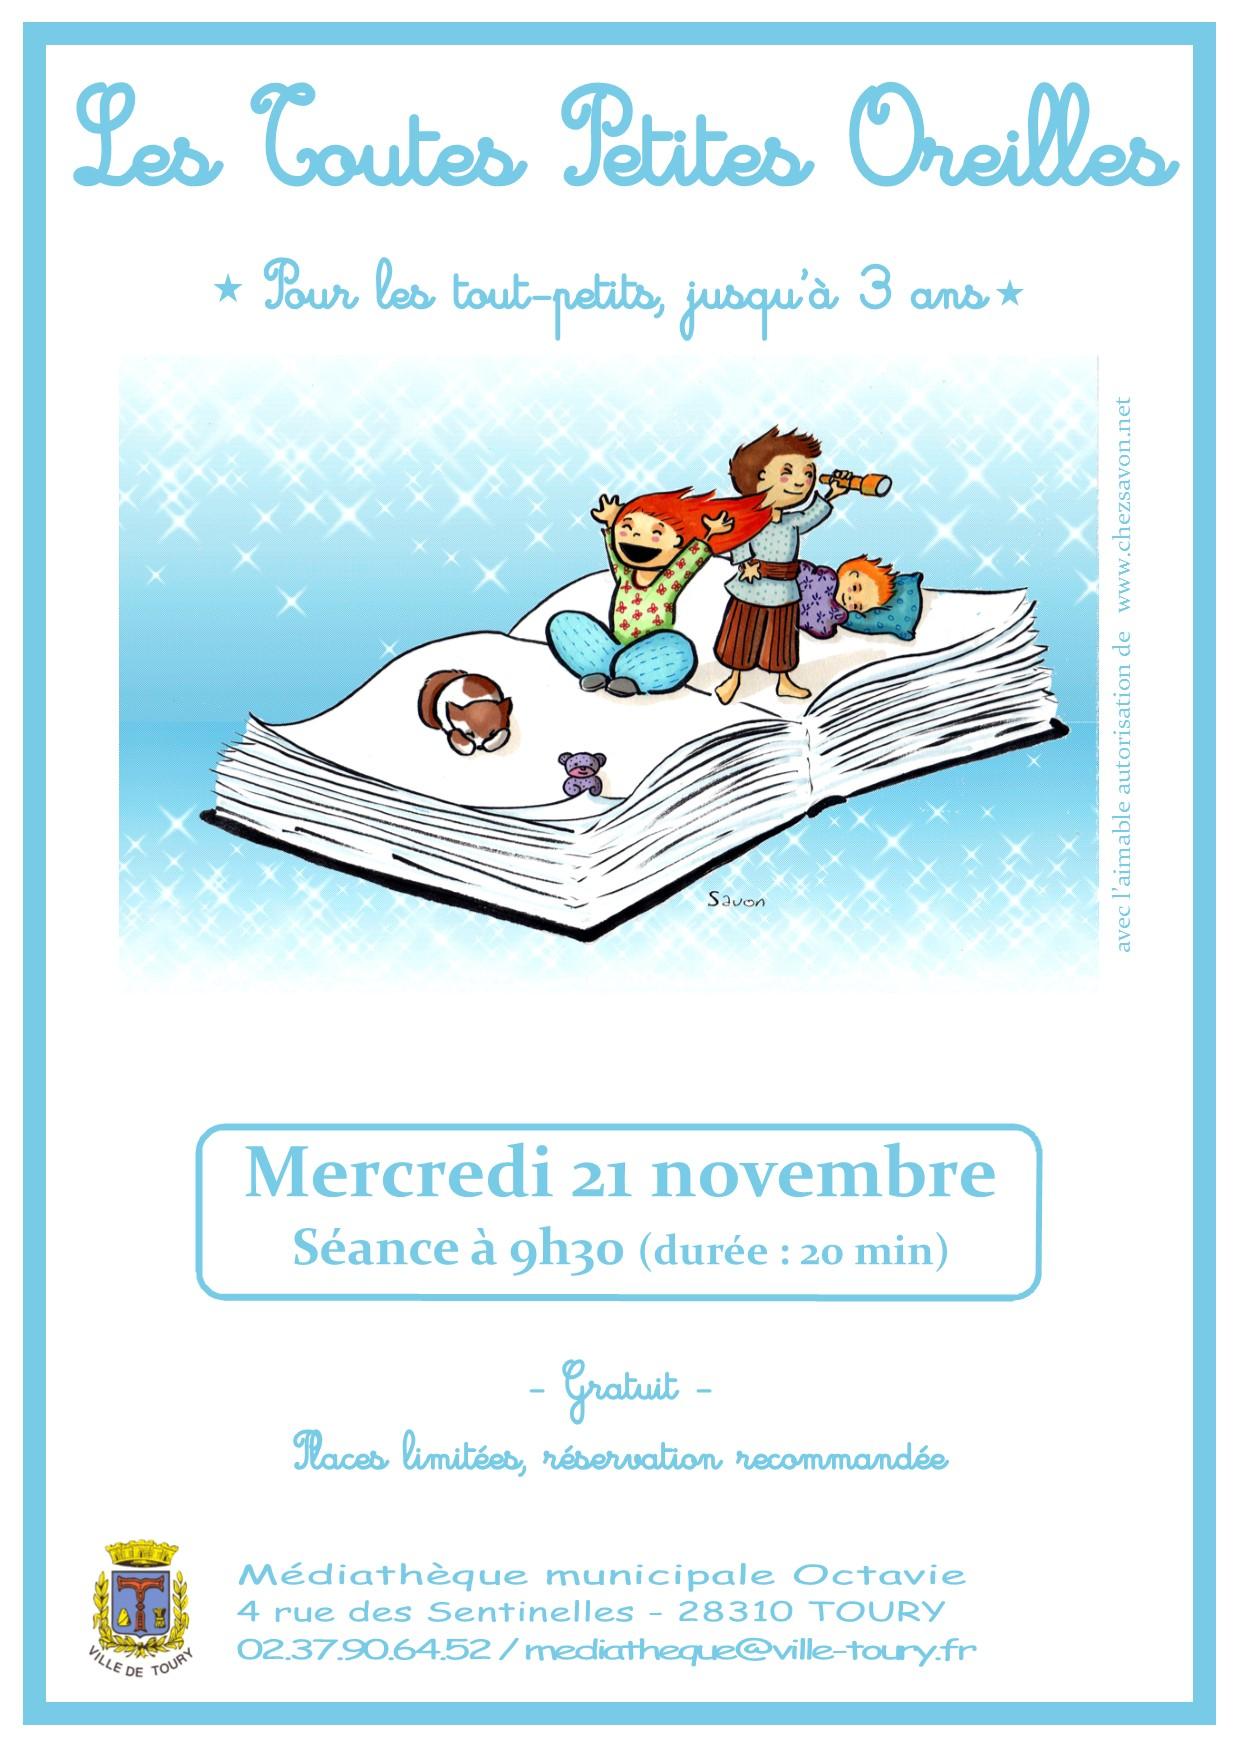 Affiche Toutes Petites Oreilles - novembre